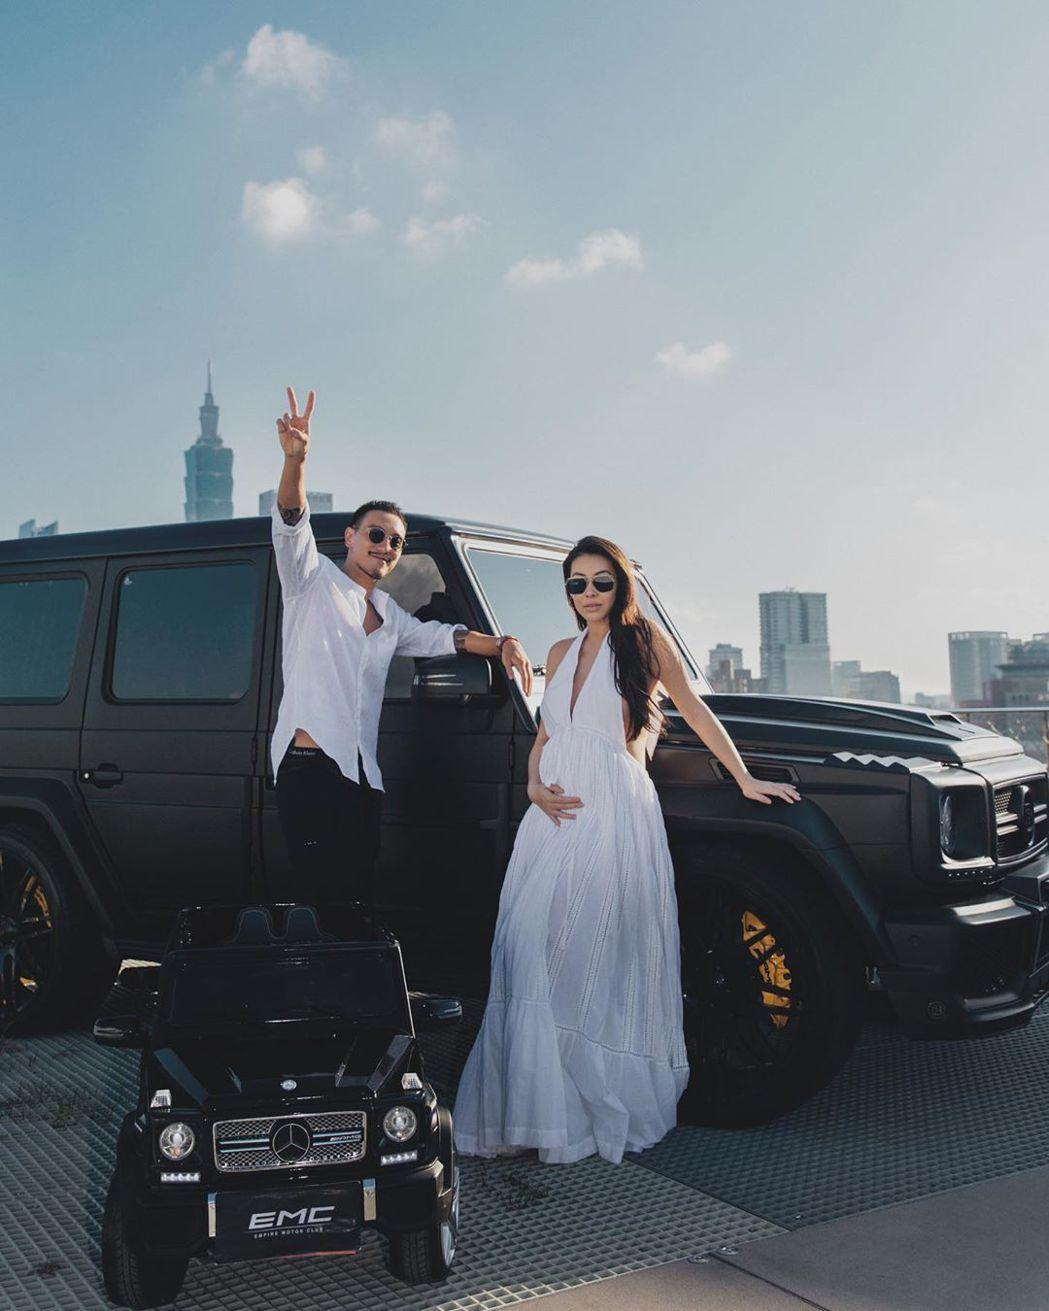 王陽明與蔡詩芸結婚4年終於做人成功。圖/擷自IG